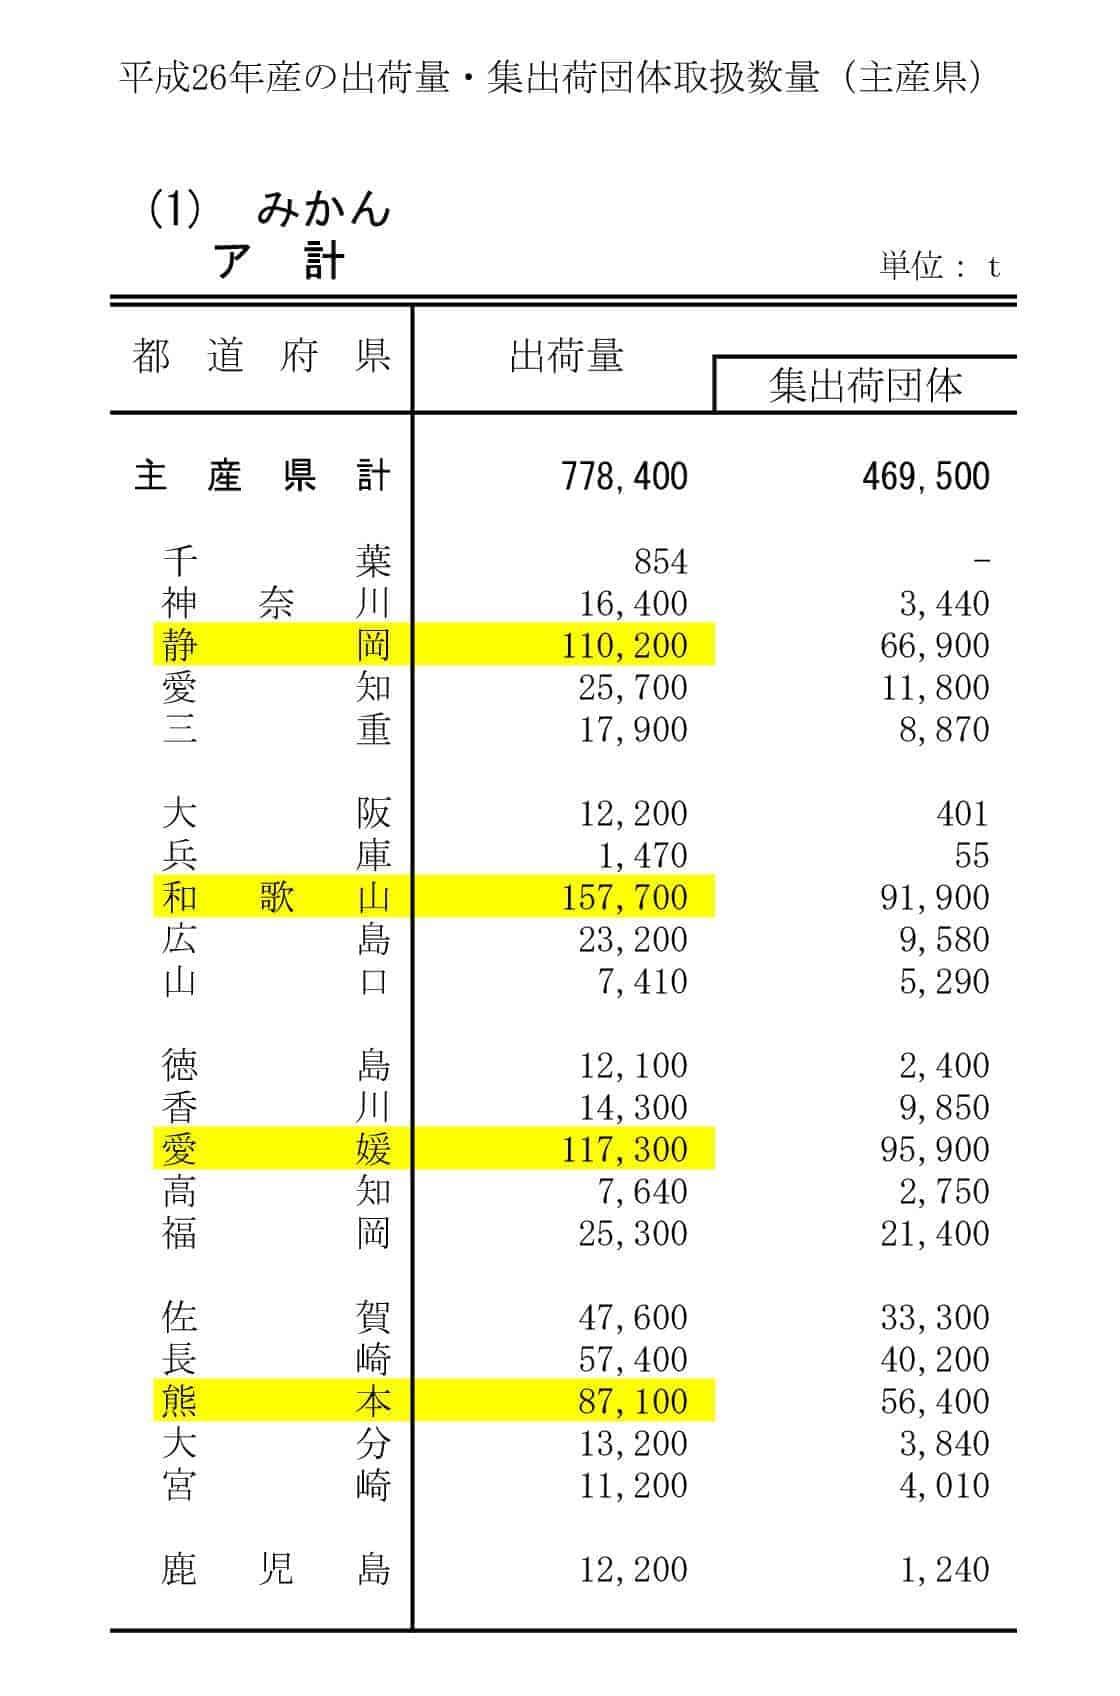 平成26年度 農林水産省統計 みかん主産県 生産量